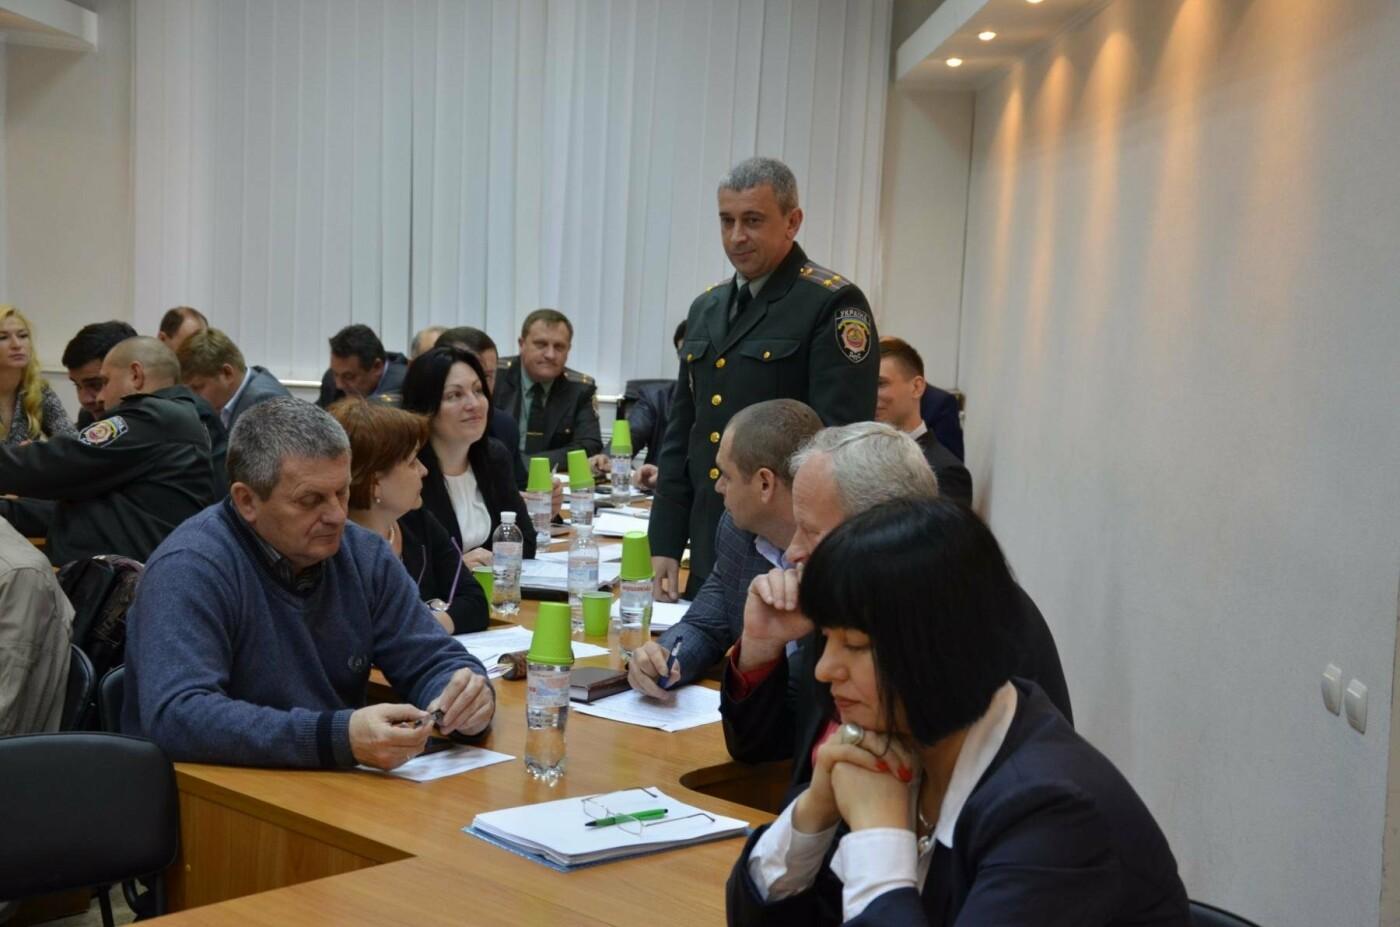 В Николаеве состоялось совещание по обеспечению мест несвободы надлежащими условиями, - ФОТО, фото-2